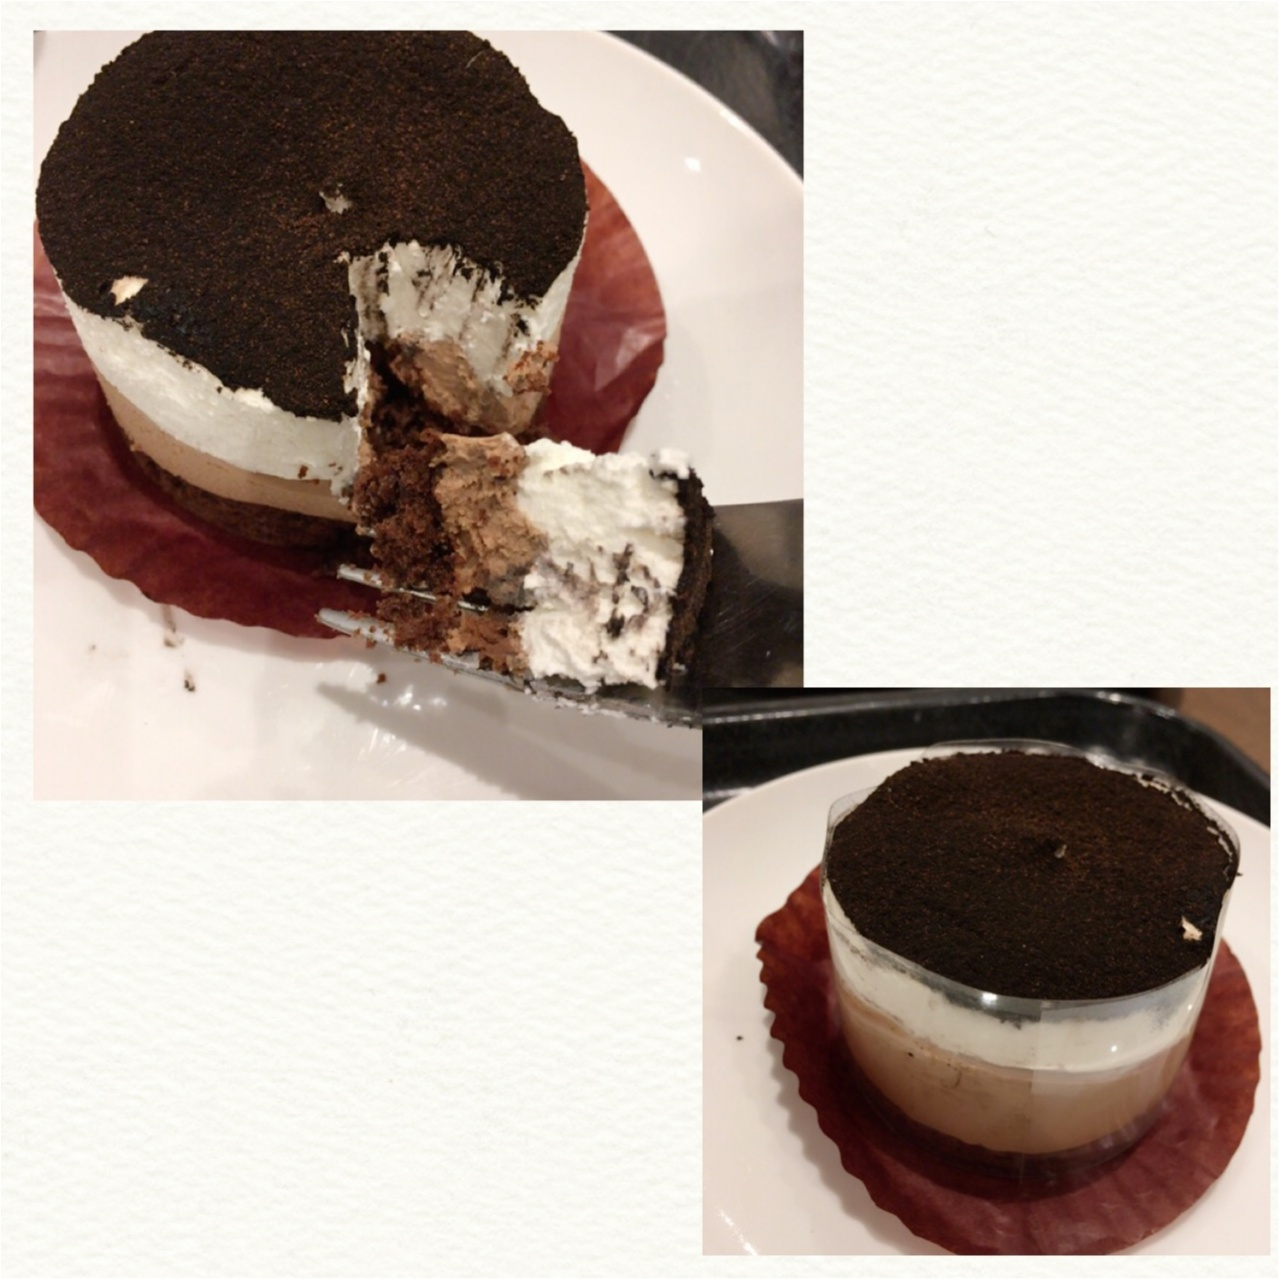 コーヒーとのペアリング◎スタバのチョコレートレイヤーケーキがオシャレおいしすぎる♡_2